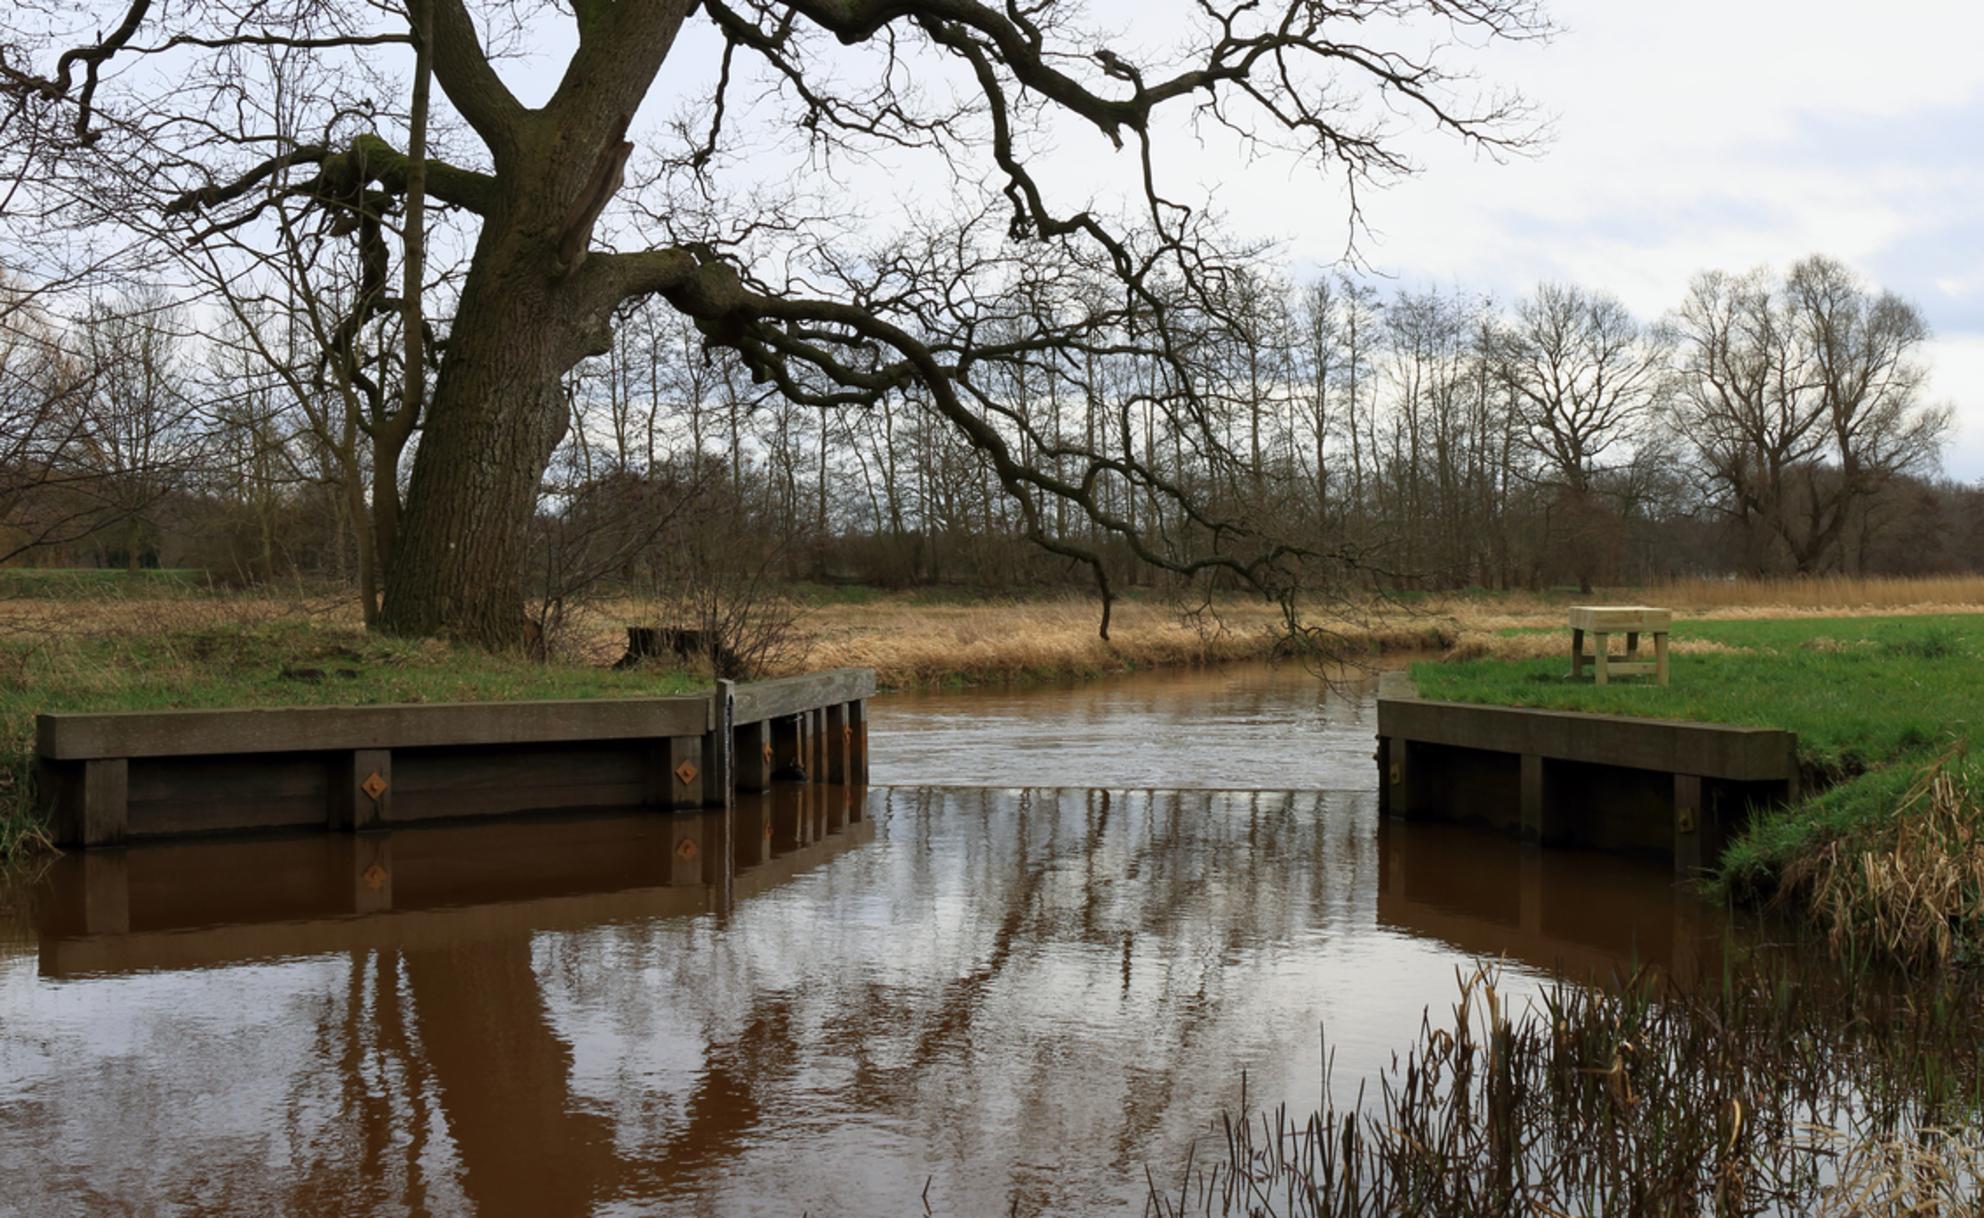 Dickninge - Stuw in het grensriviertje De Reest  tussen Drenthe en Overijsel op het landgoed Dickninge te De Wijk - foto door dyjaf op 20-03-2017 - deze foto bevat: water, rivier, dickninge, de reest, de Wijk - Deze foto mag gebruikt worden in een Zoom.nl publicatie